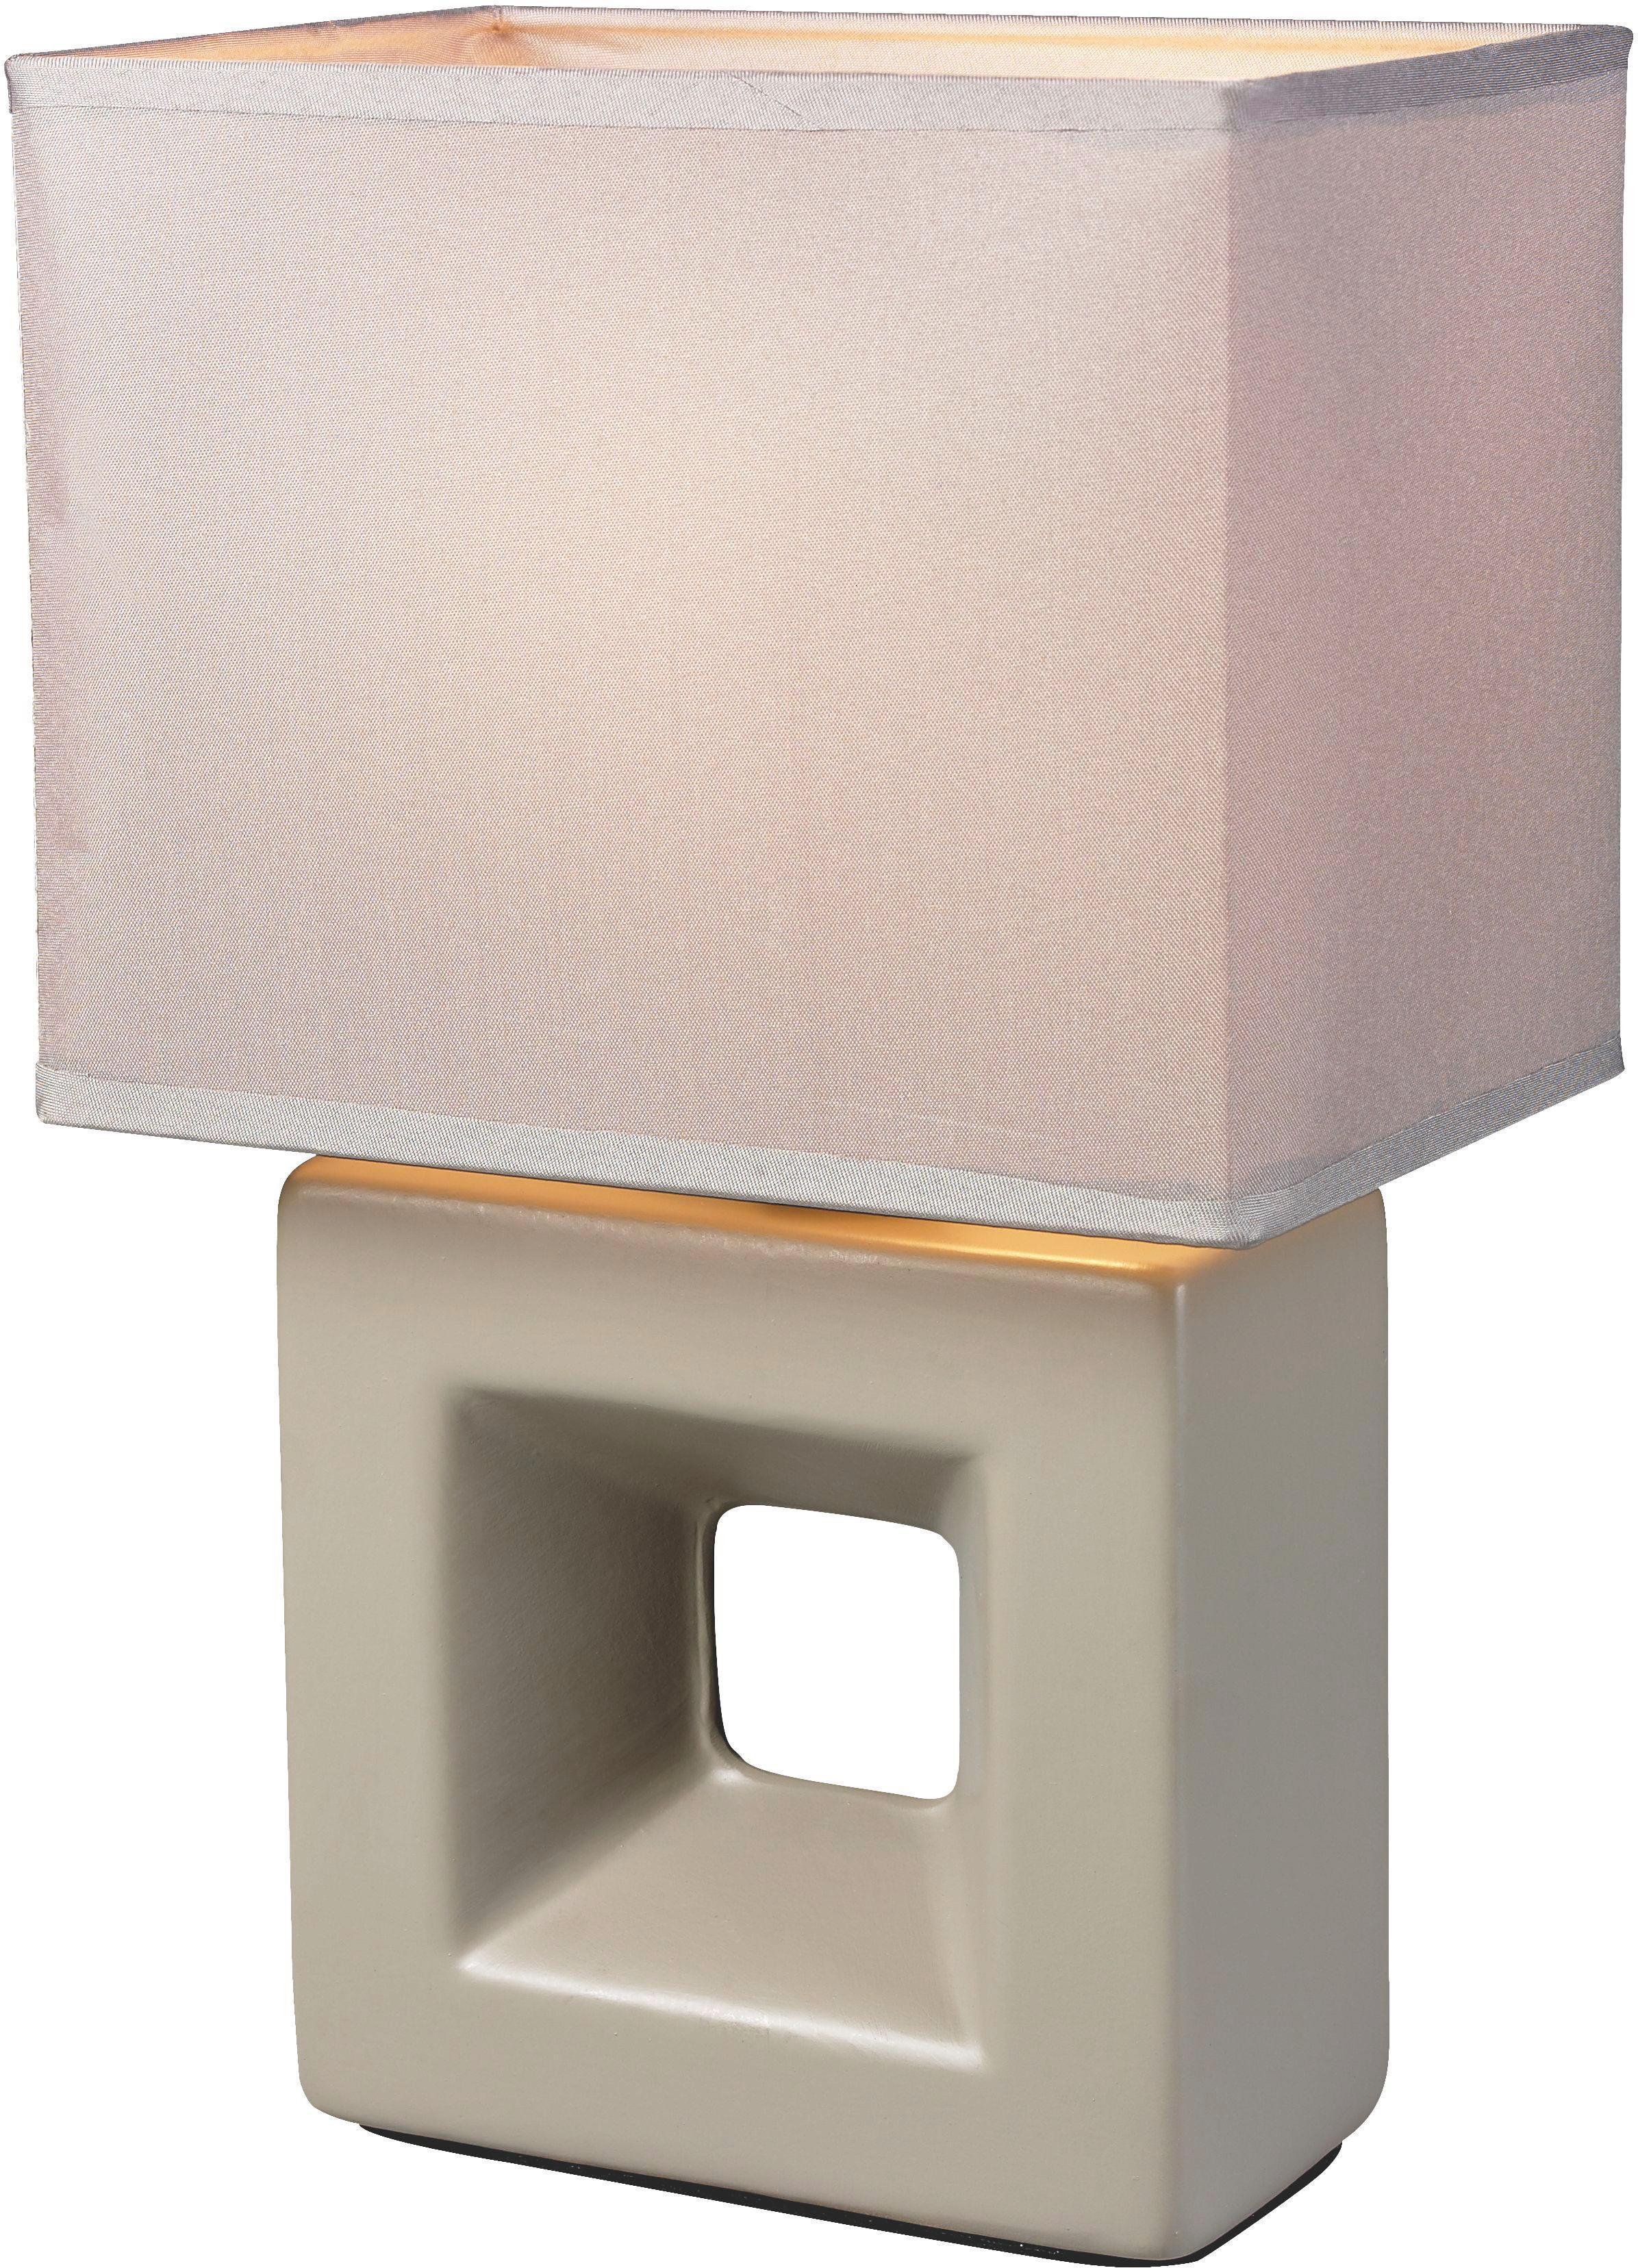 Asztali Lámpa Quadro - szürkésbarna, textil/kerámia (17/12/28cm) - MÖMAX modern living